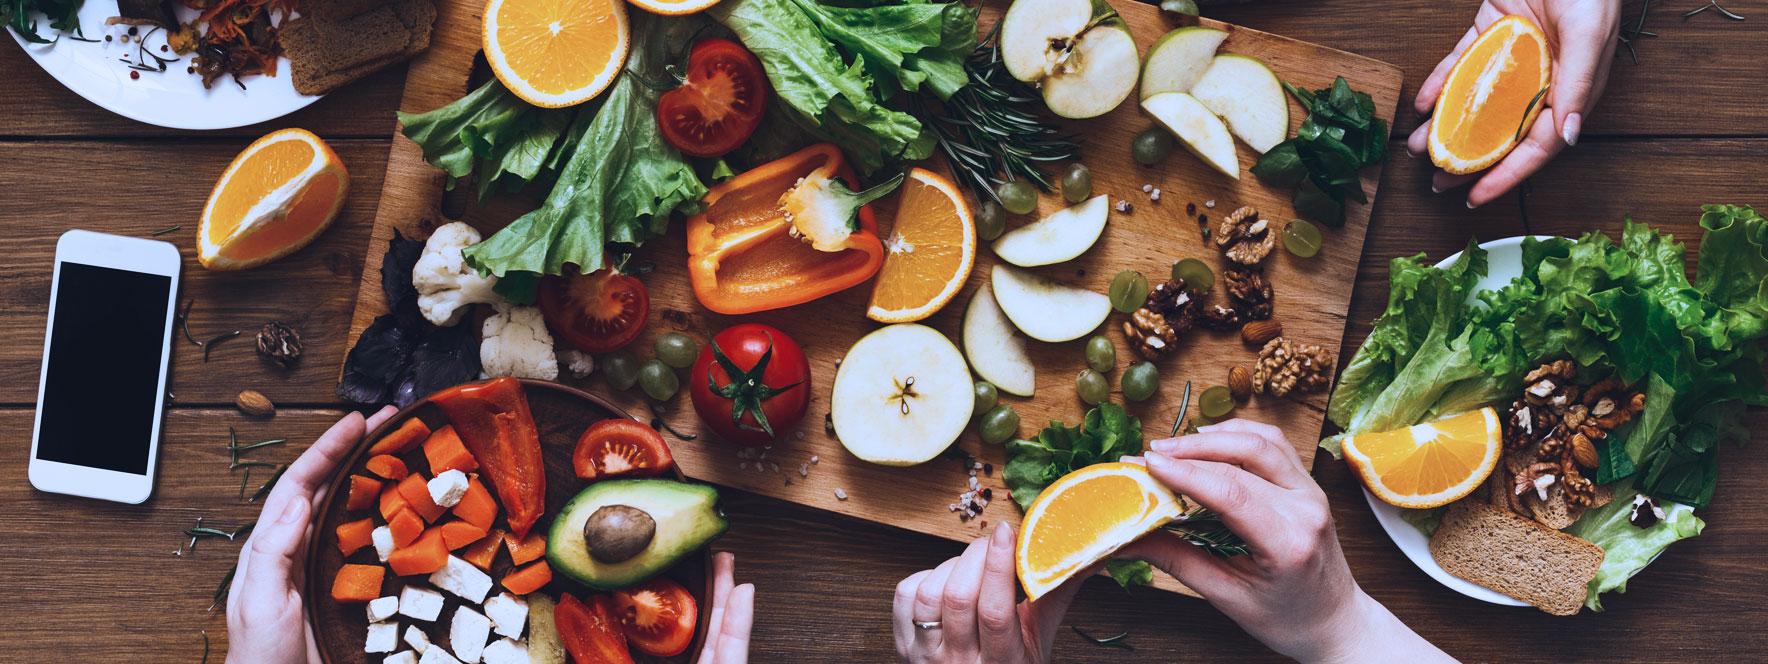 Table avec une variété d'aliments - Blogue du Réseau